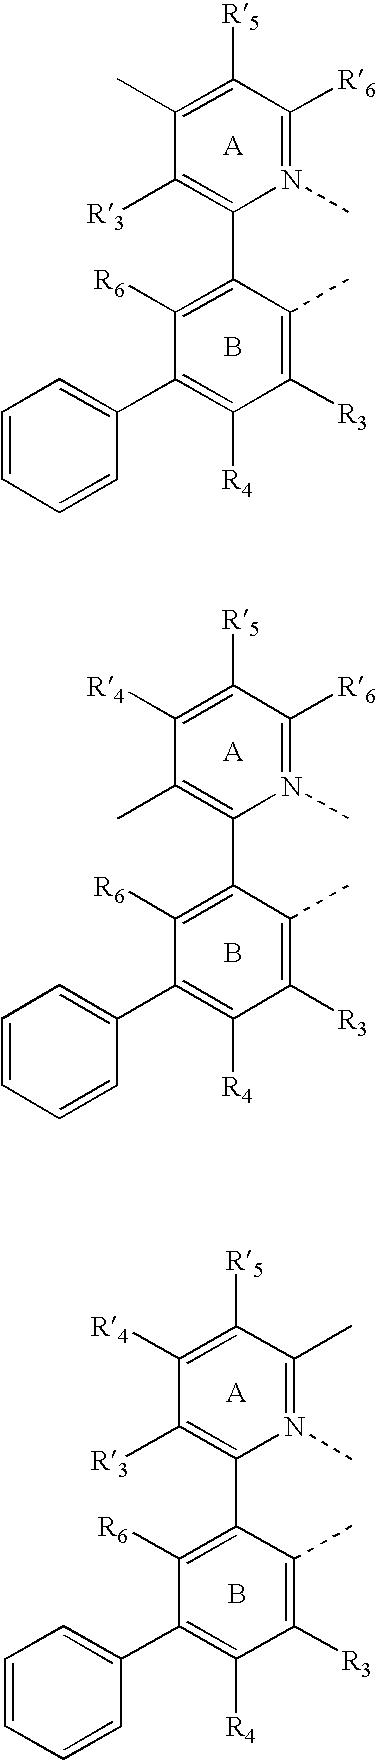 Figure US20070003789A1-20070104-C00043